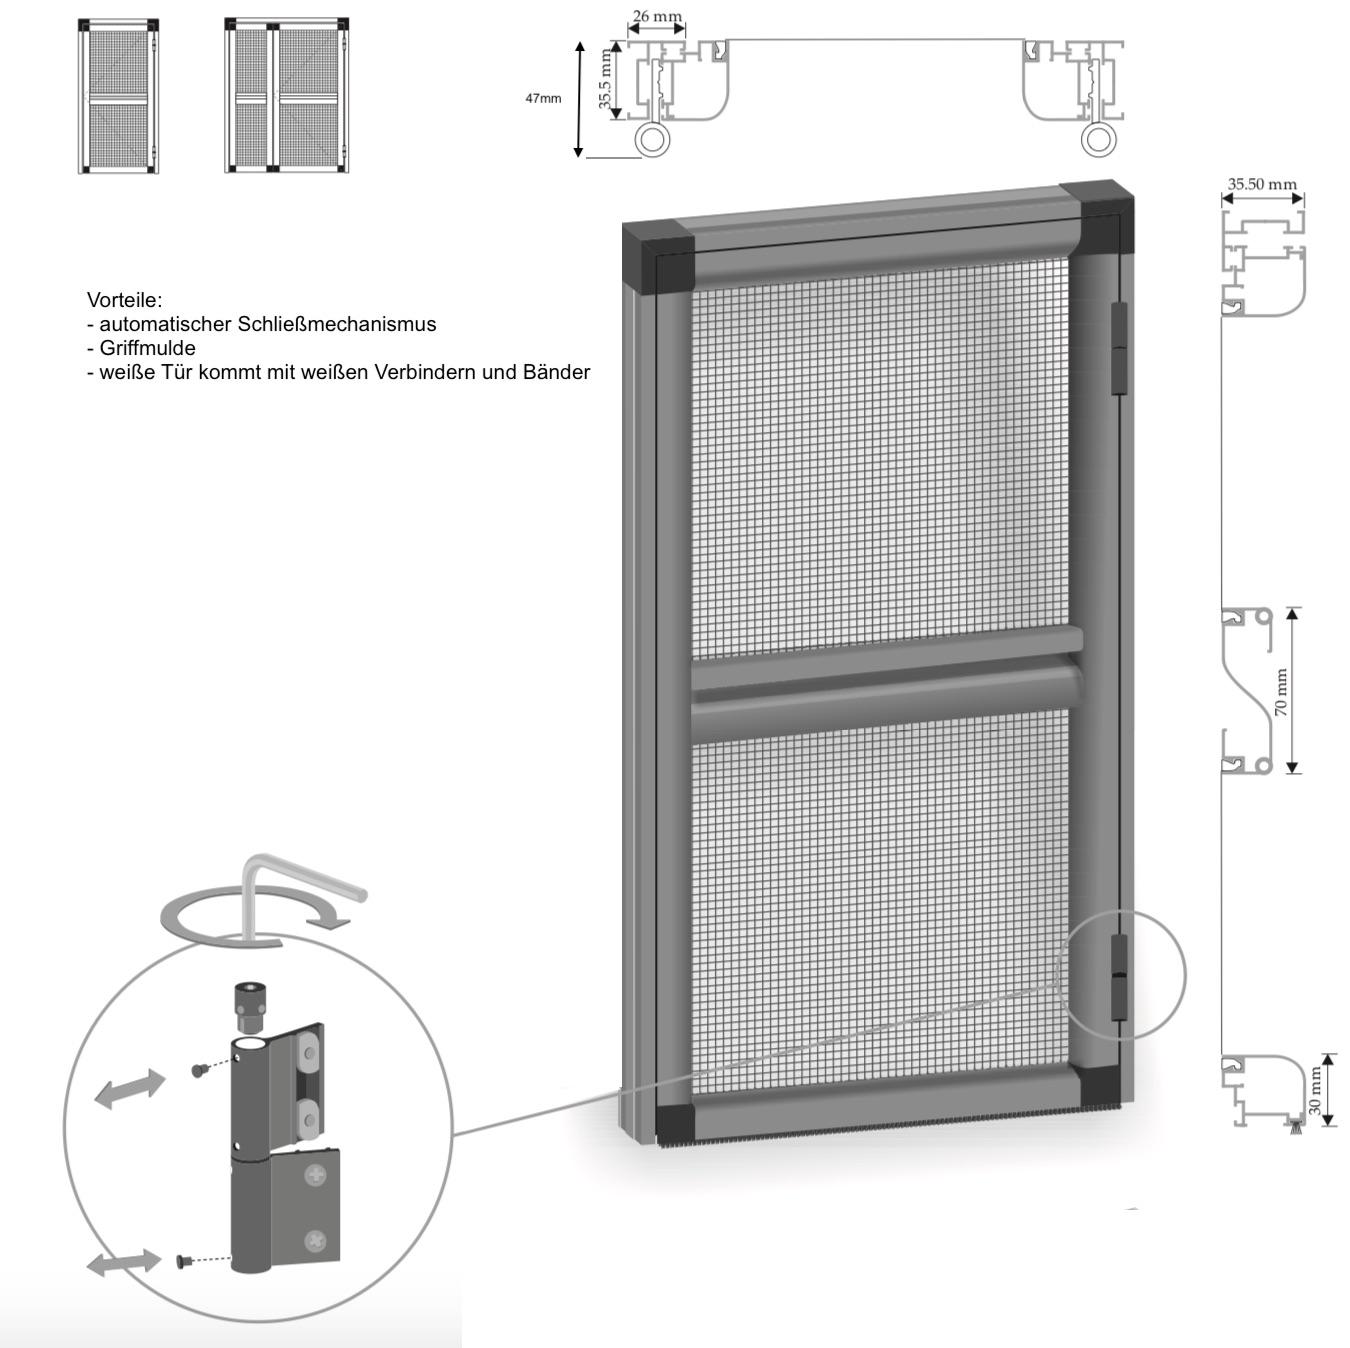 haustr rc3 galerie von aluminium haustr alu tr haustren. Black Bedroom Furniture Sets. Home Design Ideas